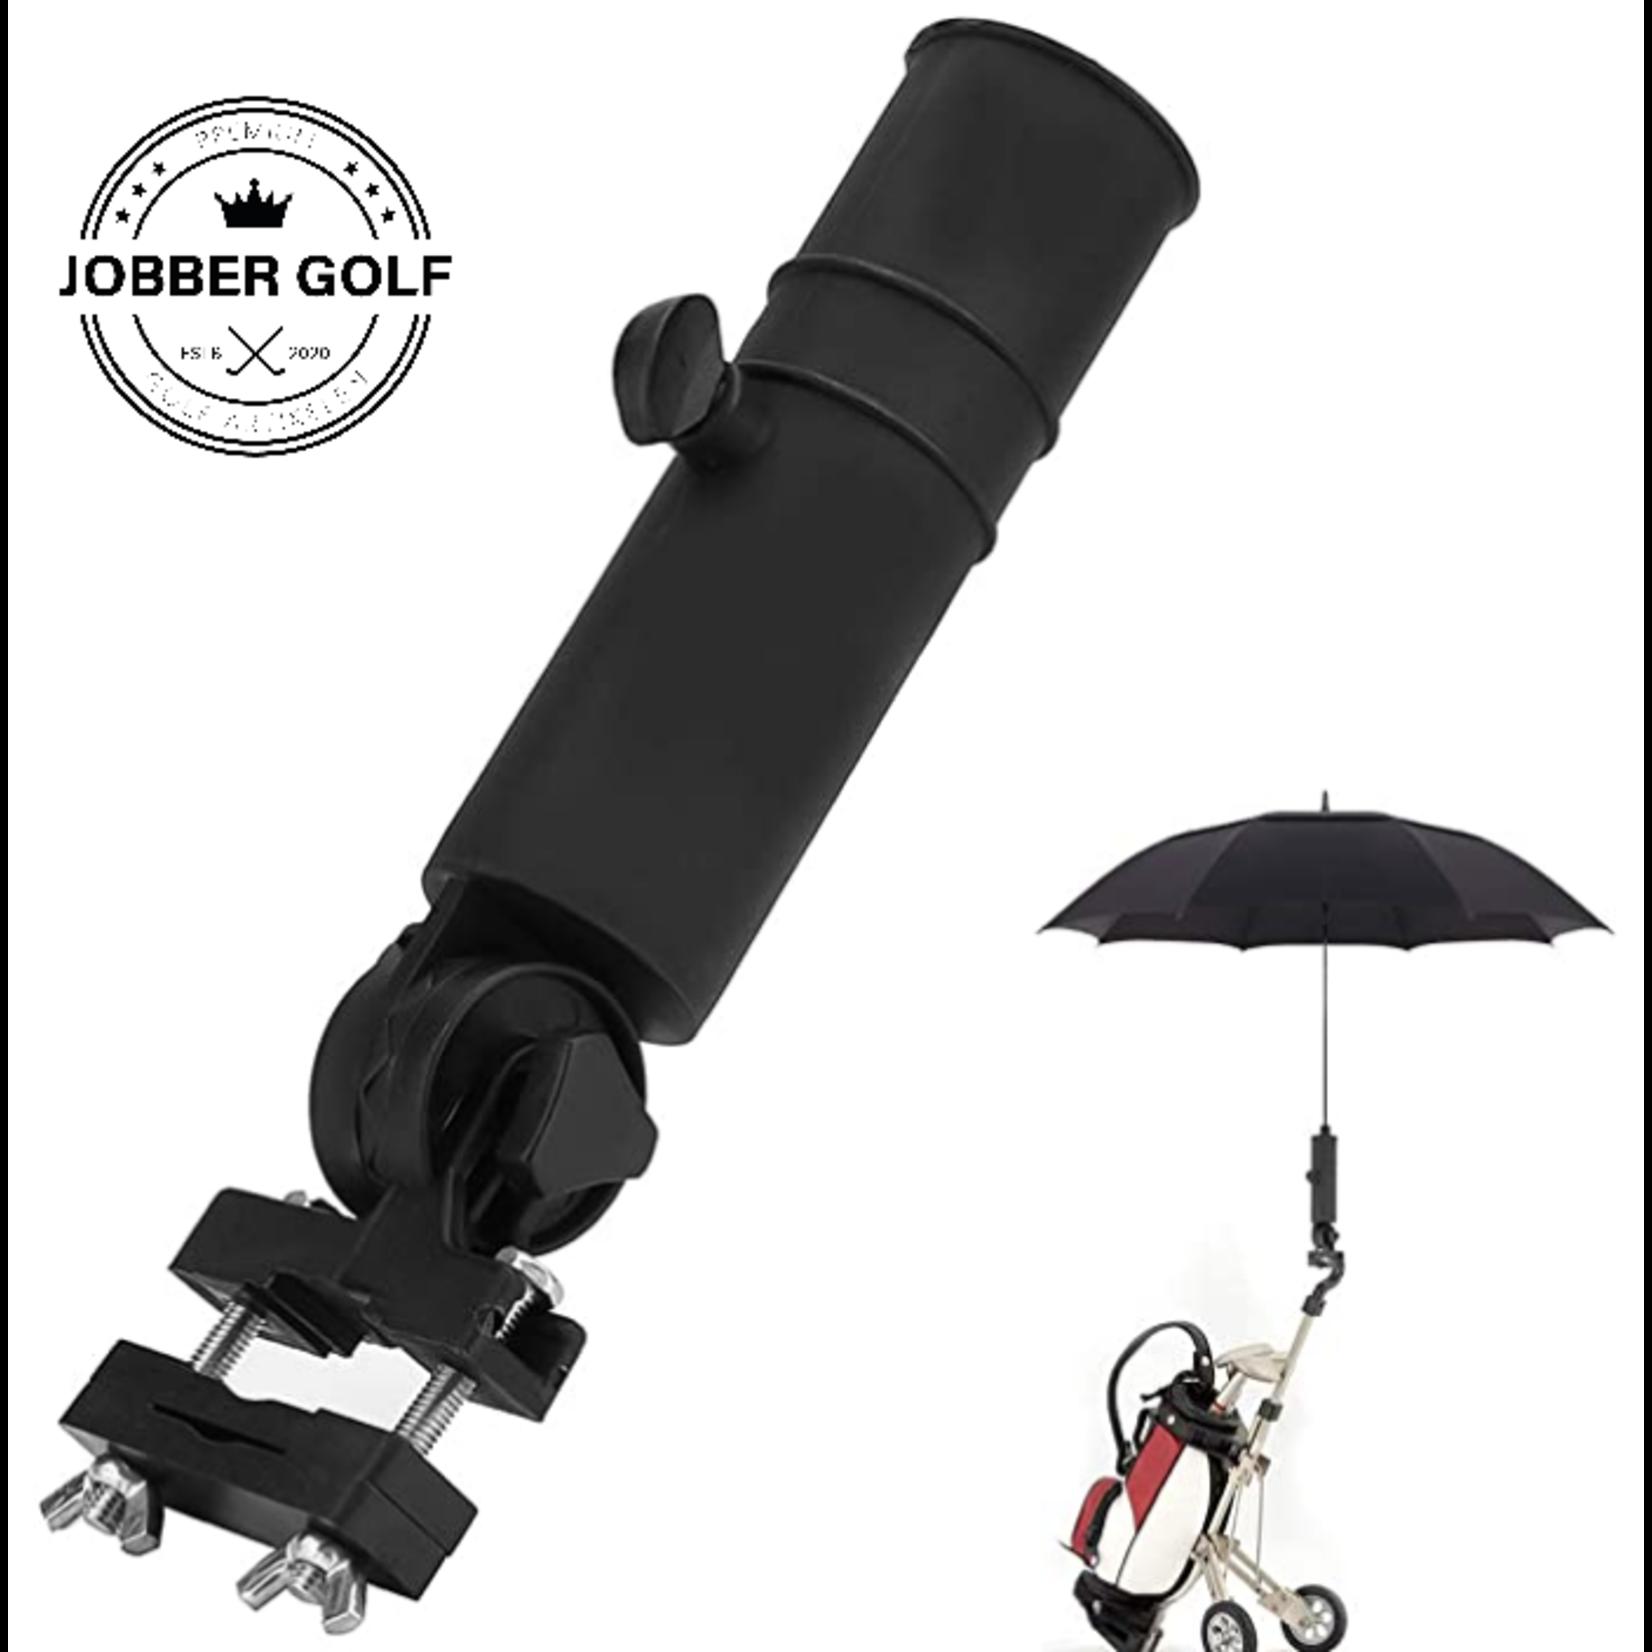 Jobber Golf Jobber Golf – Golf trolley parapluhouder